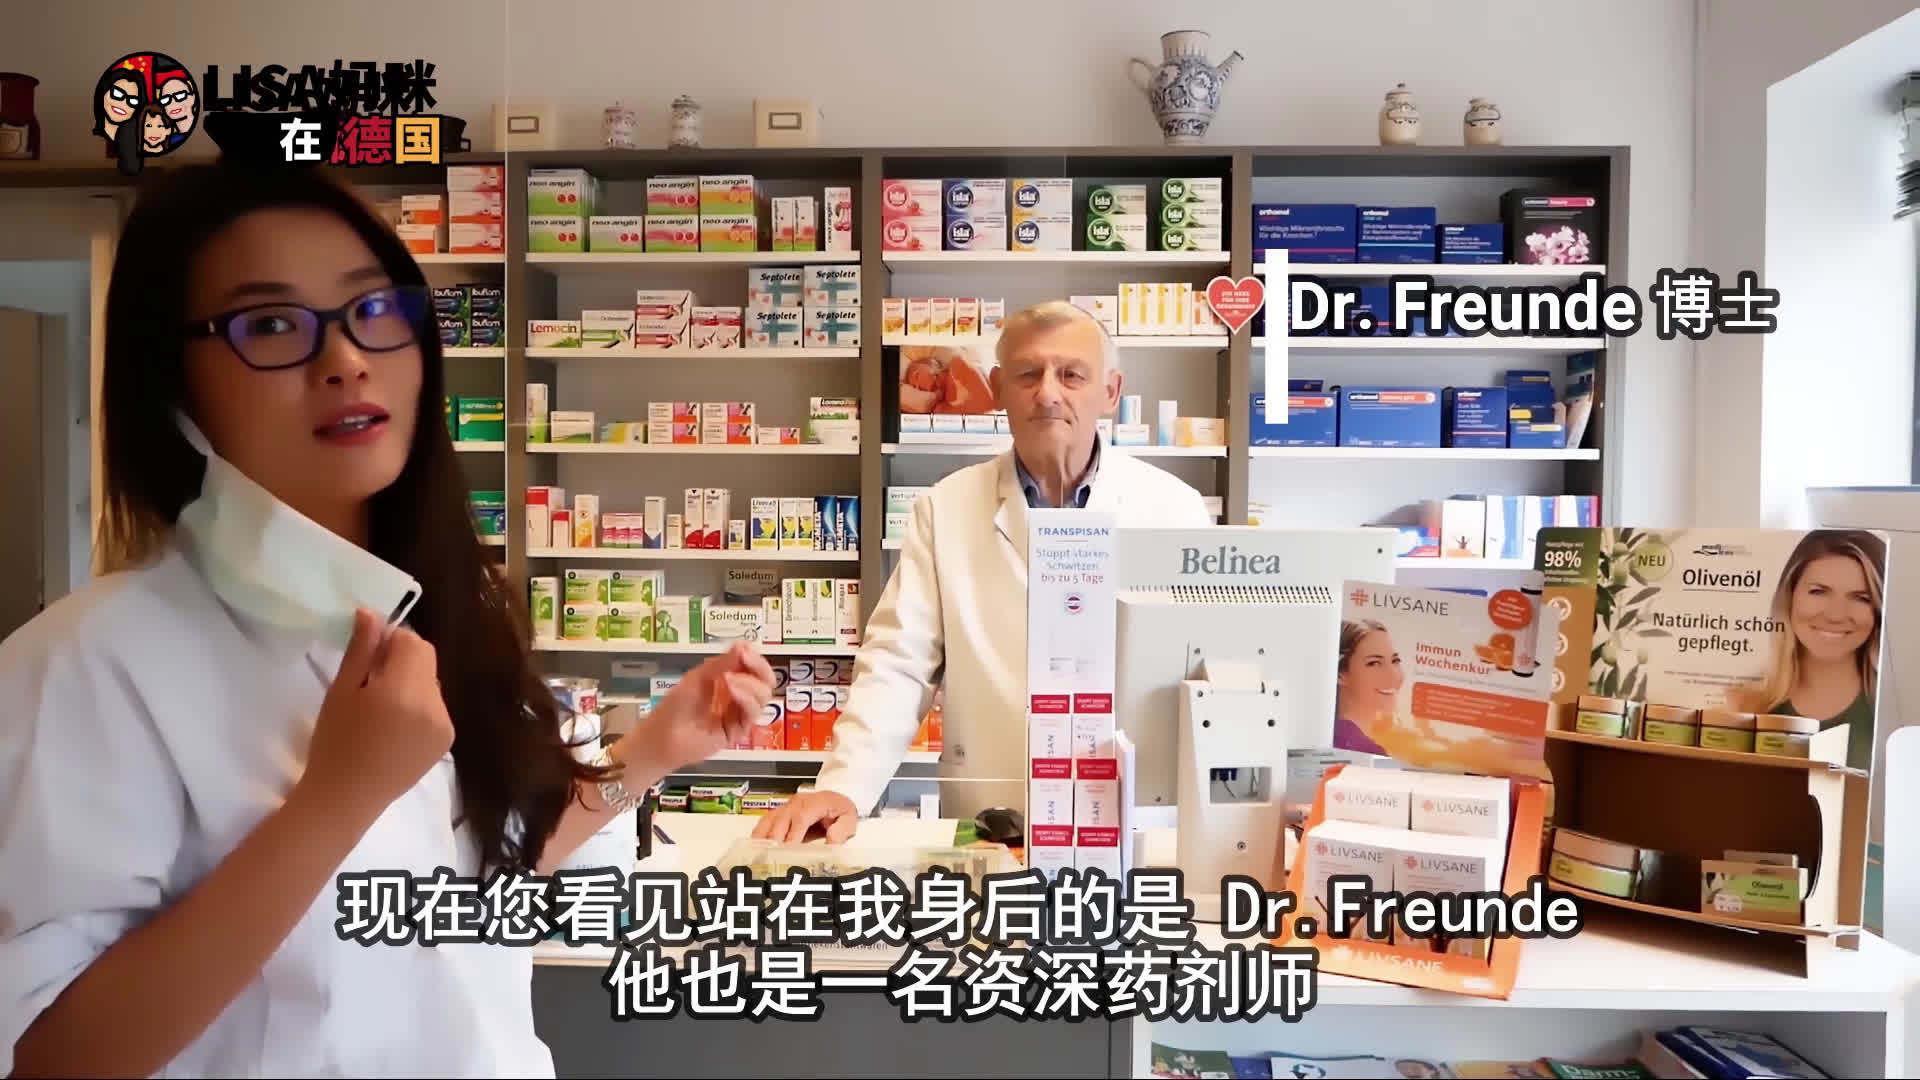 德国药剂师说这些最有效的助睡眠考前紧张保健品牌……